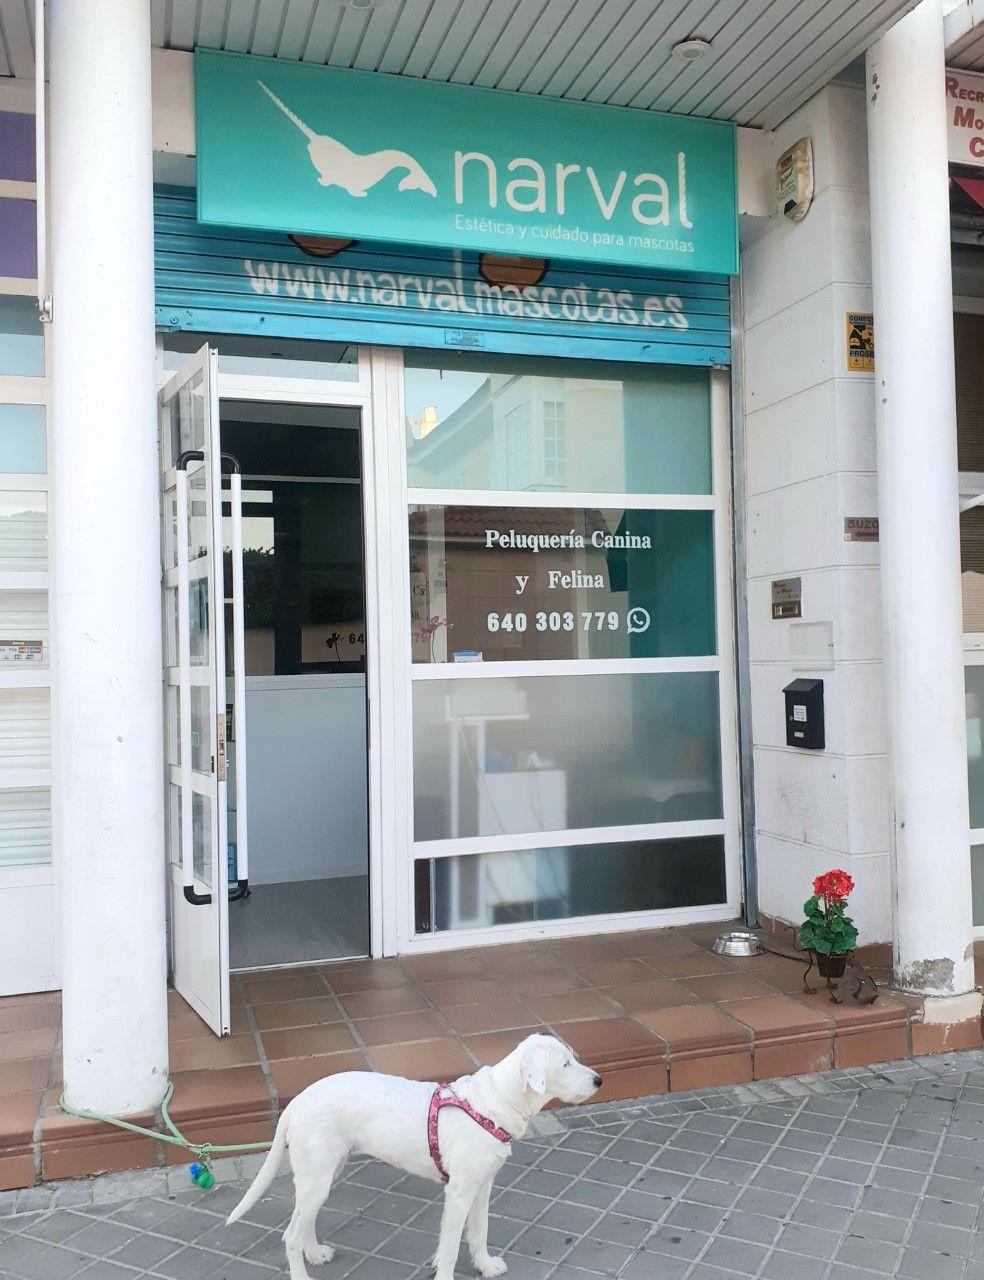 Foto 7 de Tienda de mascotas en Leganés en Leganés   Narval Mascotas